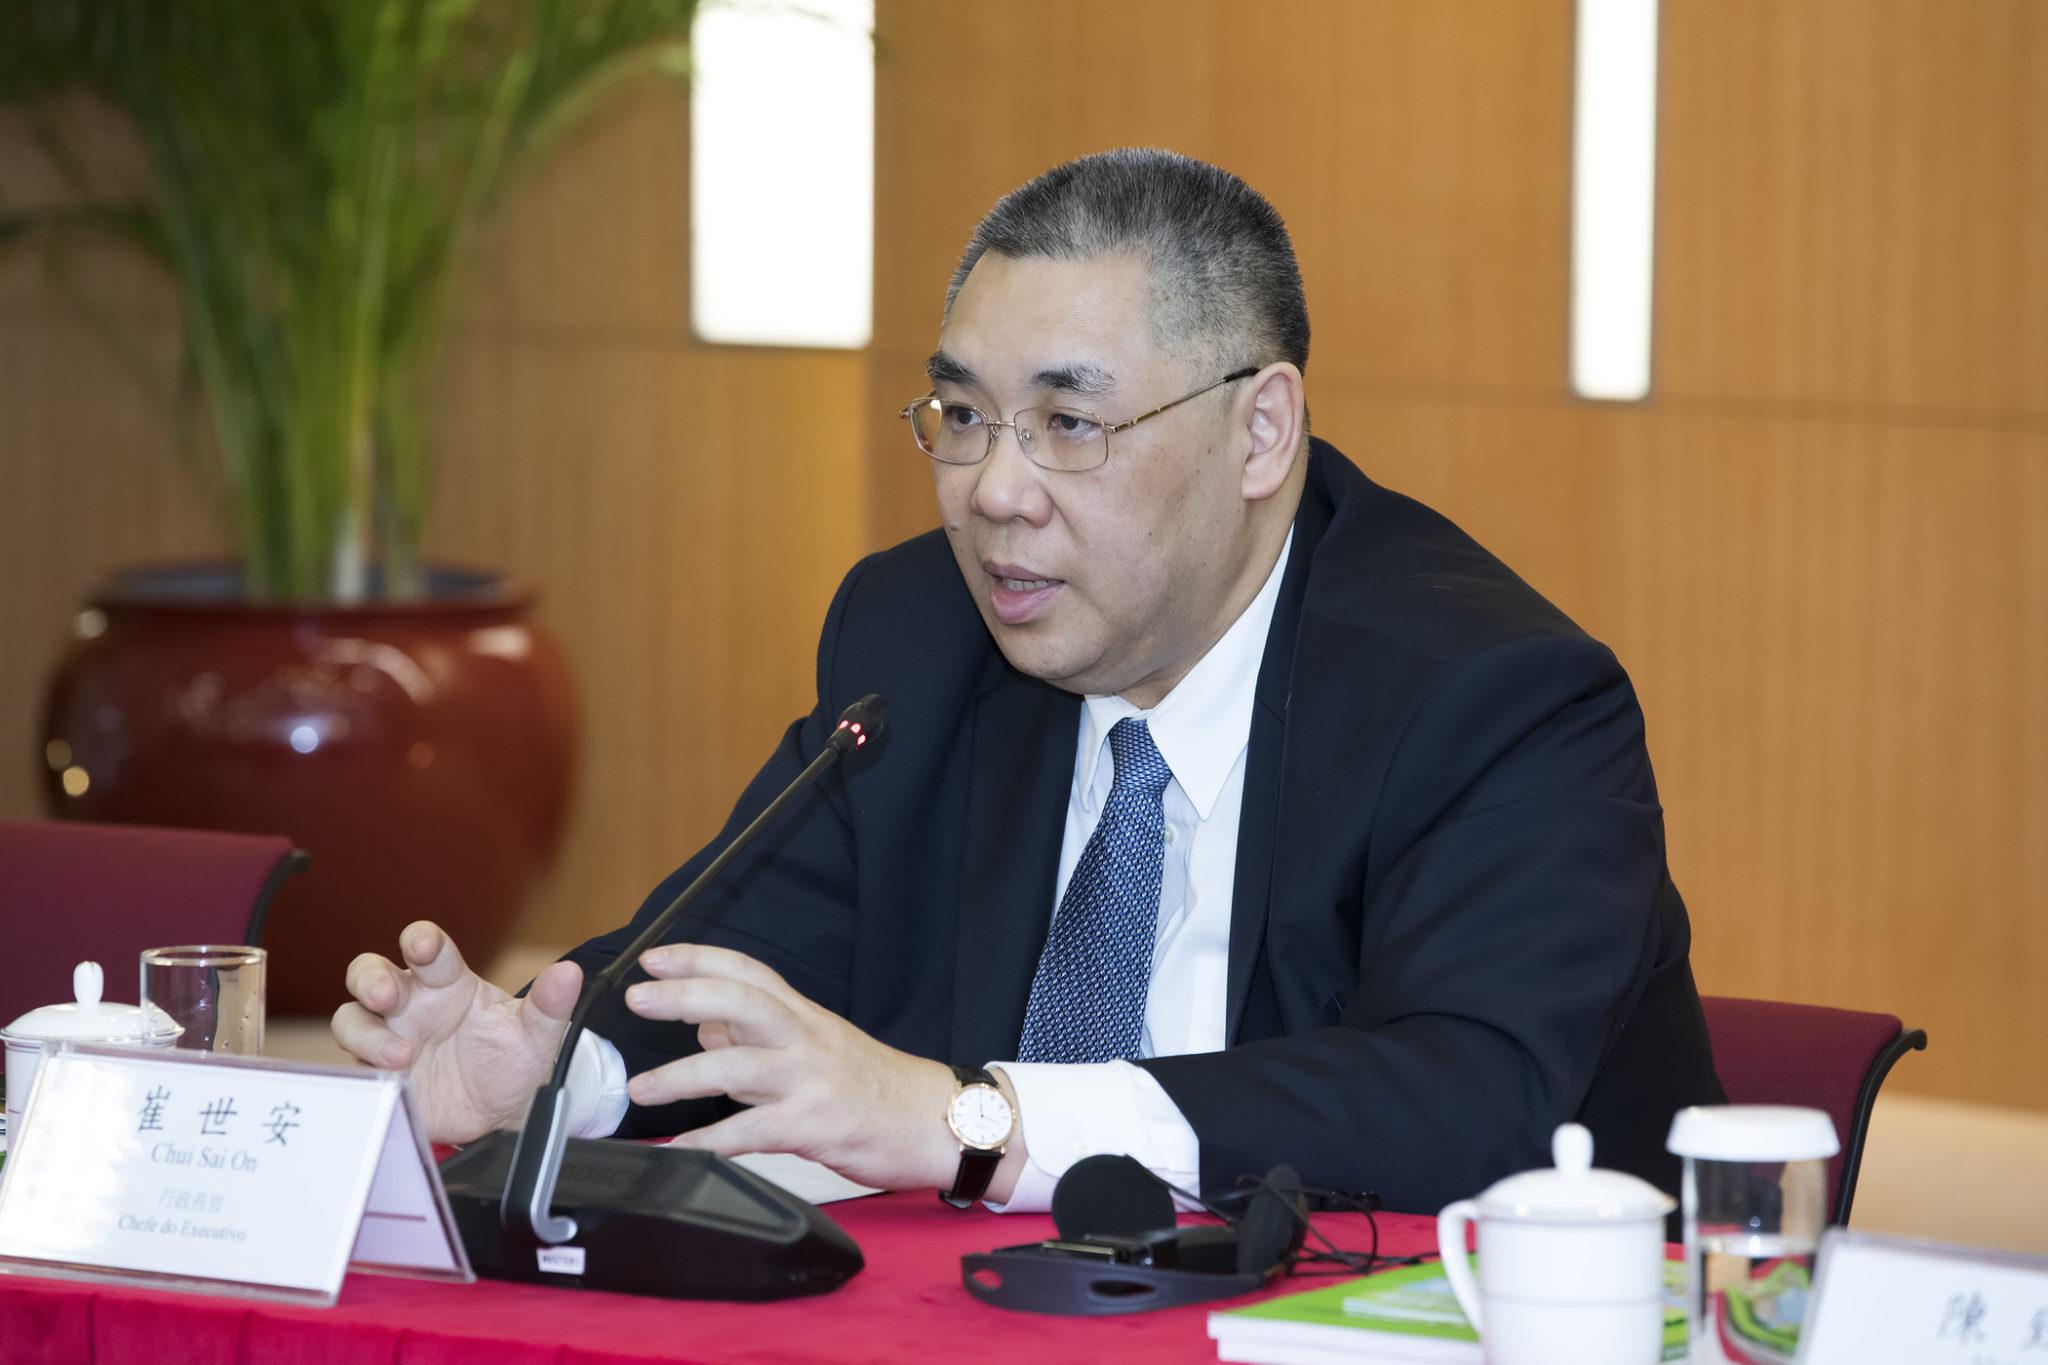 Corrupção | Poder do Povo marca manifestação e pede investigação a Chui Sai On